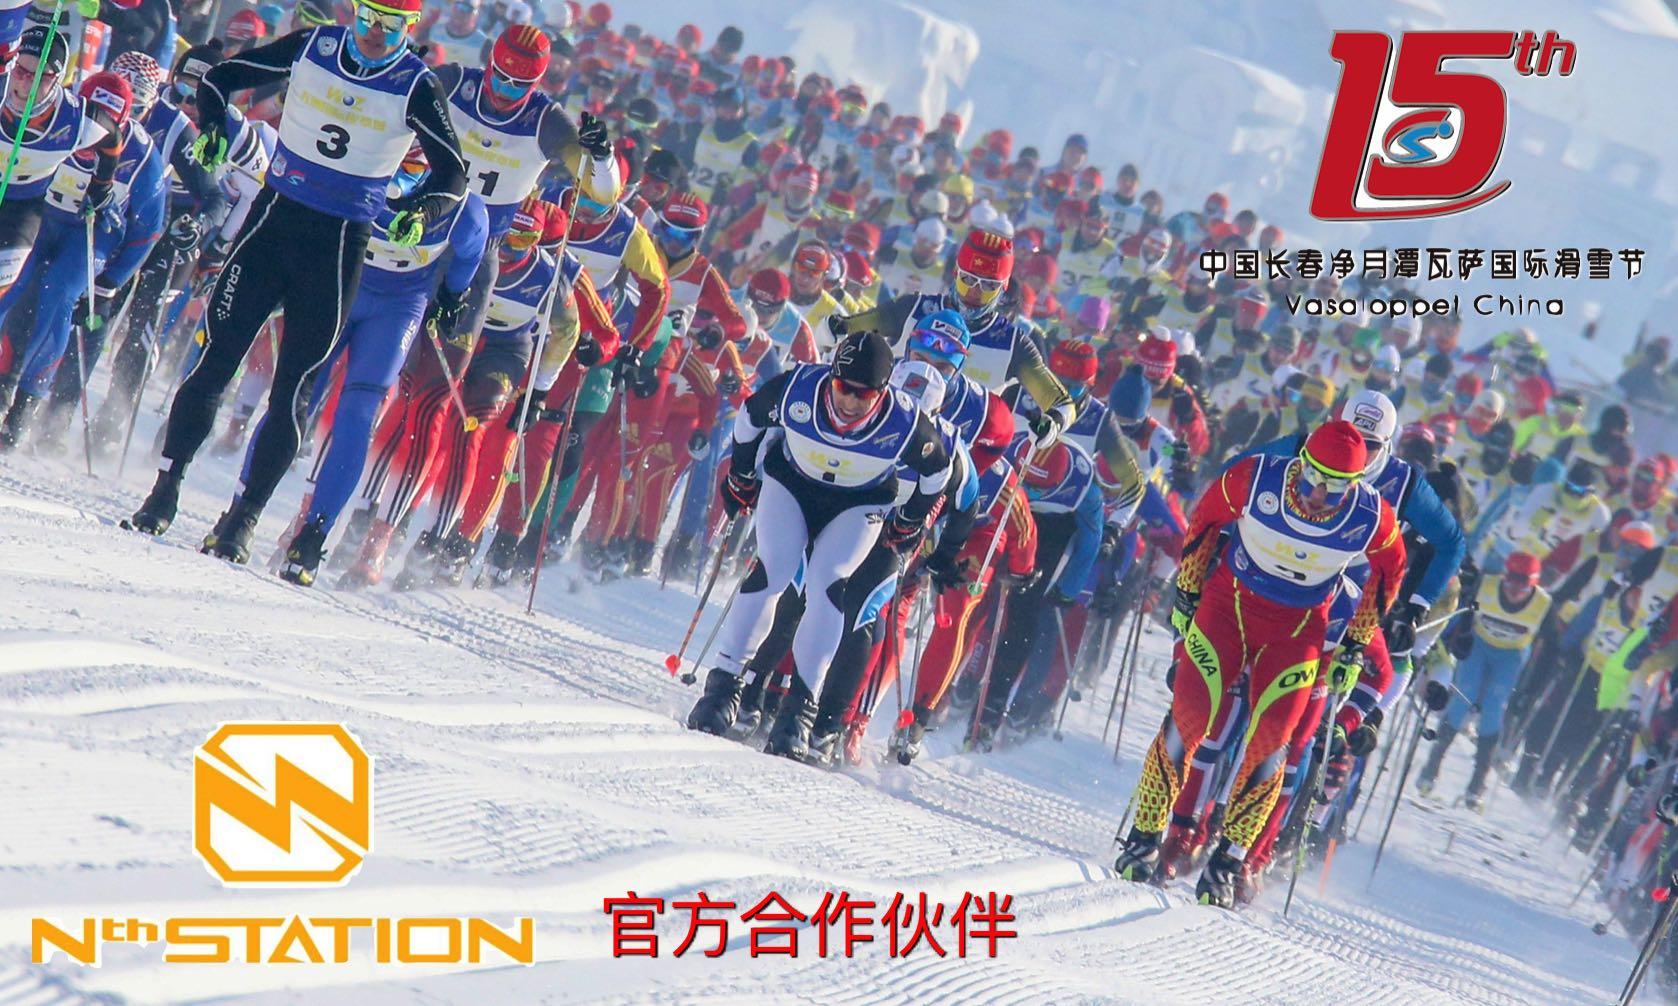 第N站户外继续携手2017中国长春净月潭瓦萨国际滑雪节